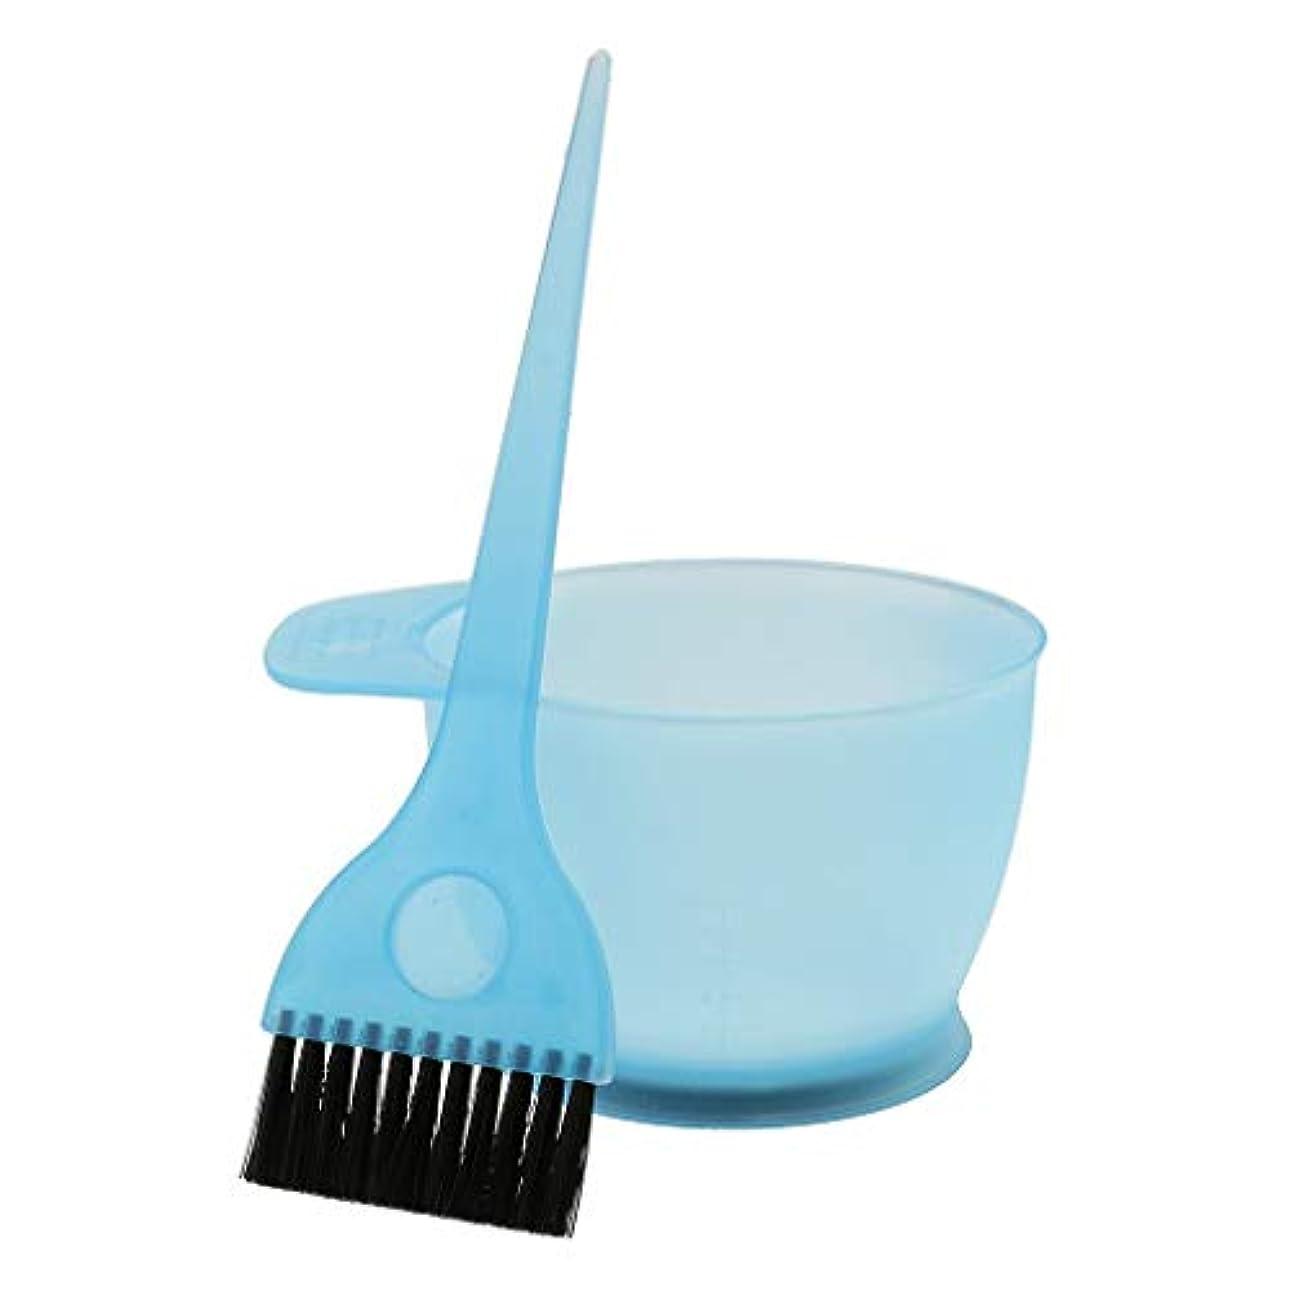 情緒的苦痛評価髪の色合い染料着色ツールのためのサロン髪色染料ボウル櫛ブラシセットスーツ (ブルー)